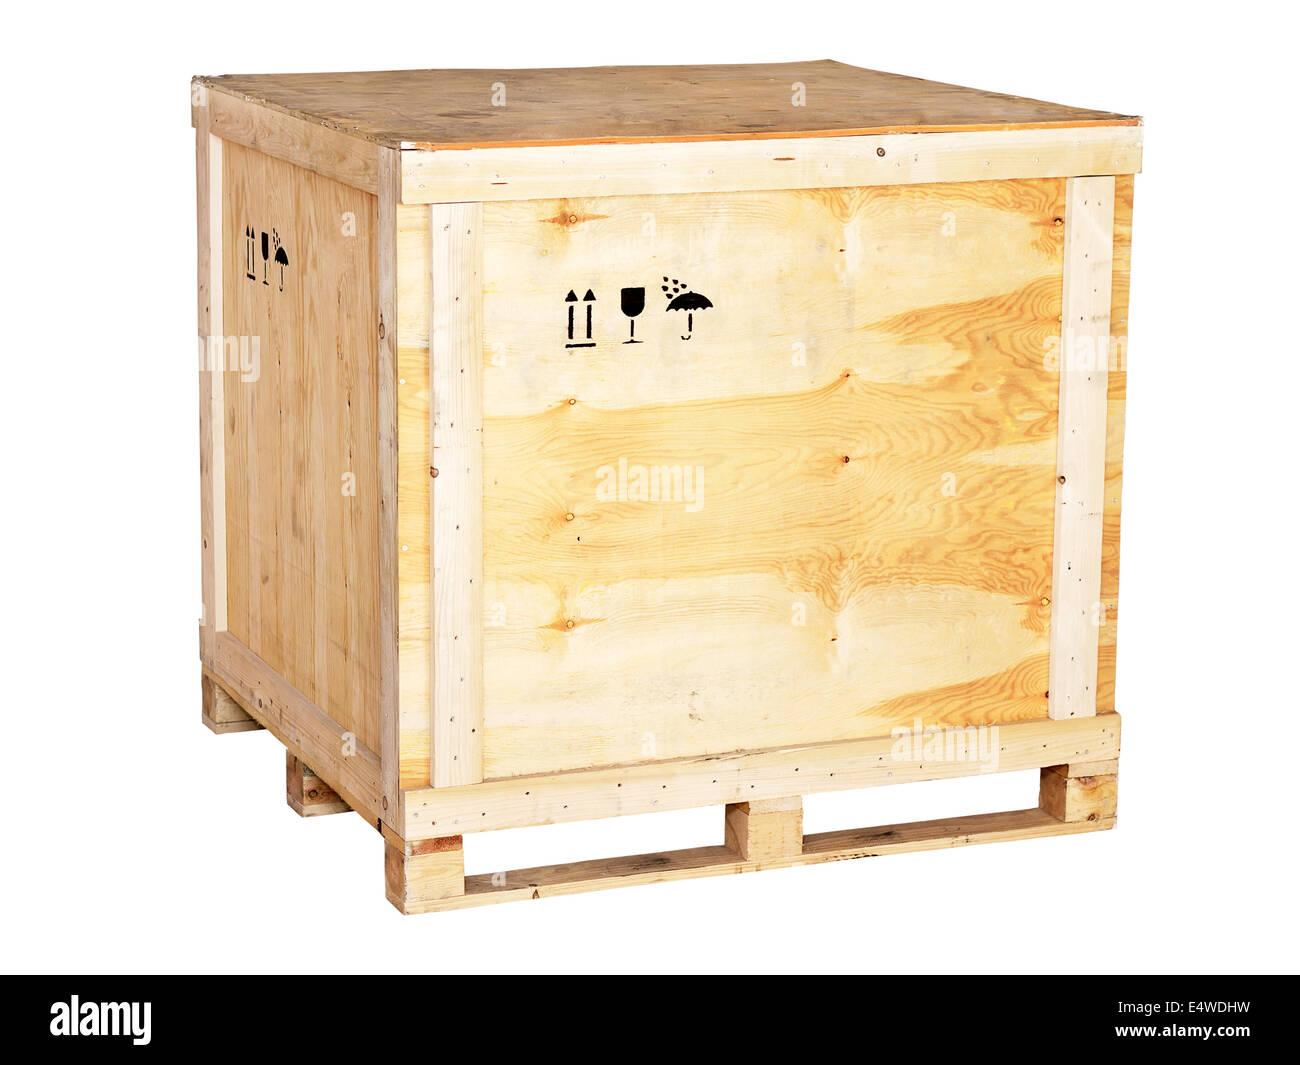 groe holzkiste mit deckel stunning holzkiste mit deckel ikea holzkiste holzkiste mit deckel. Black Bedroom Furniture Sets. Home Design Ideas